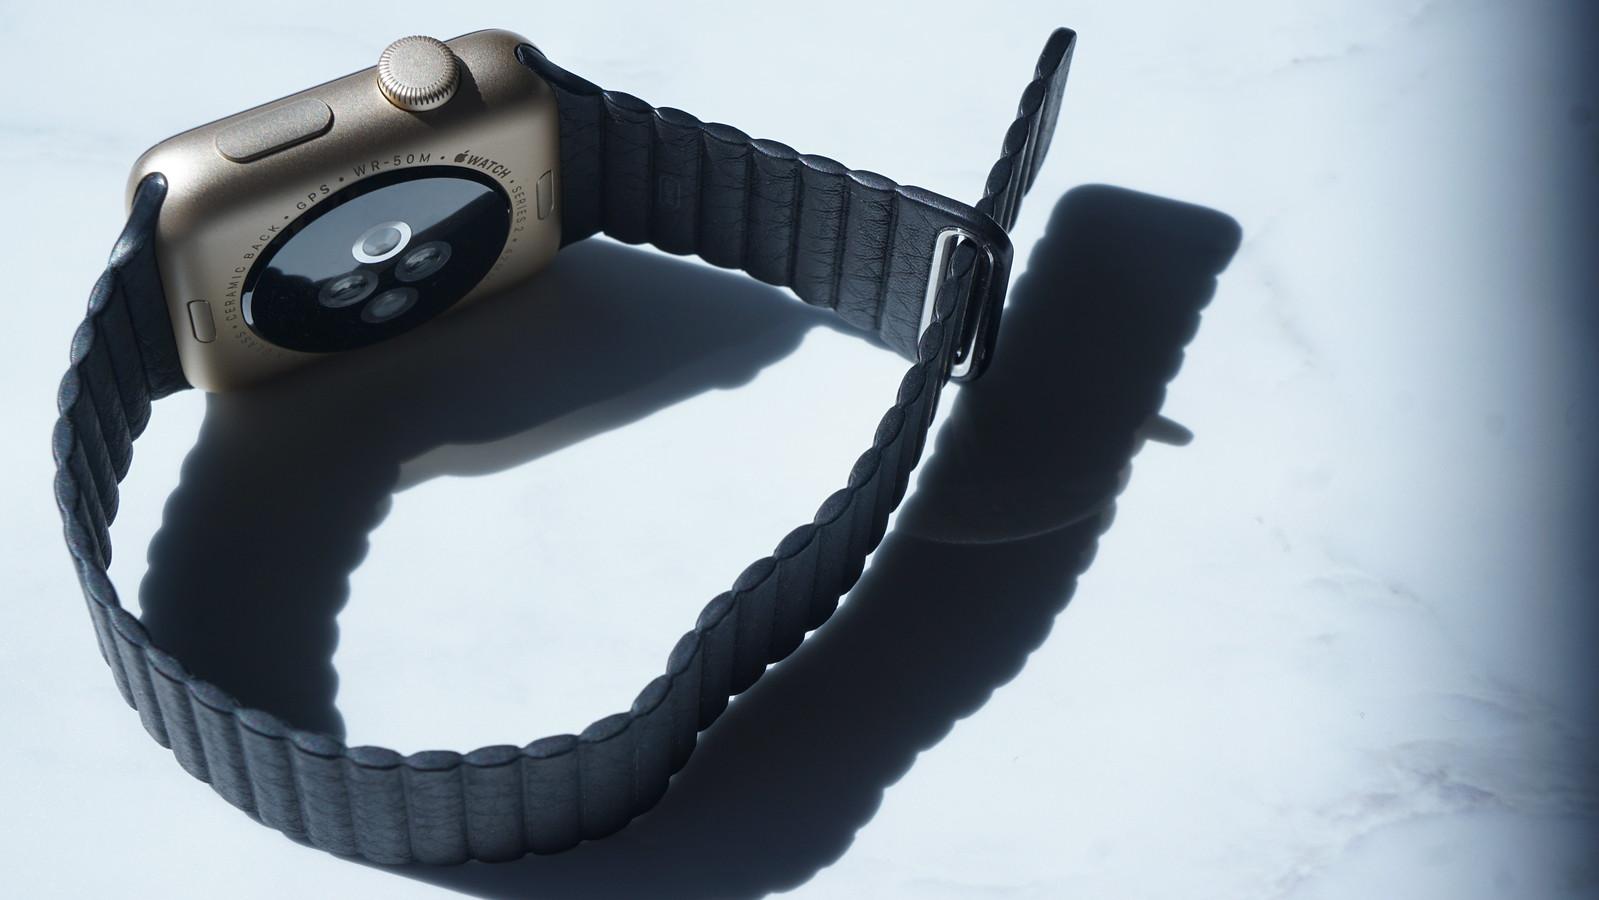 マグネット内蔵のバンドを腕に巻き付けるだけで簡単に装着できる